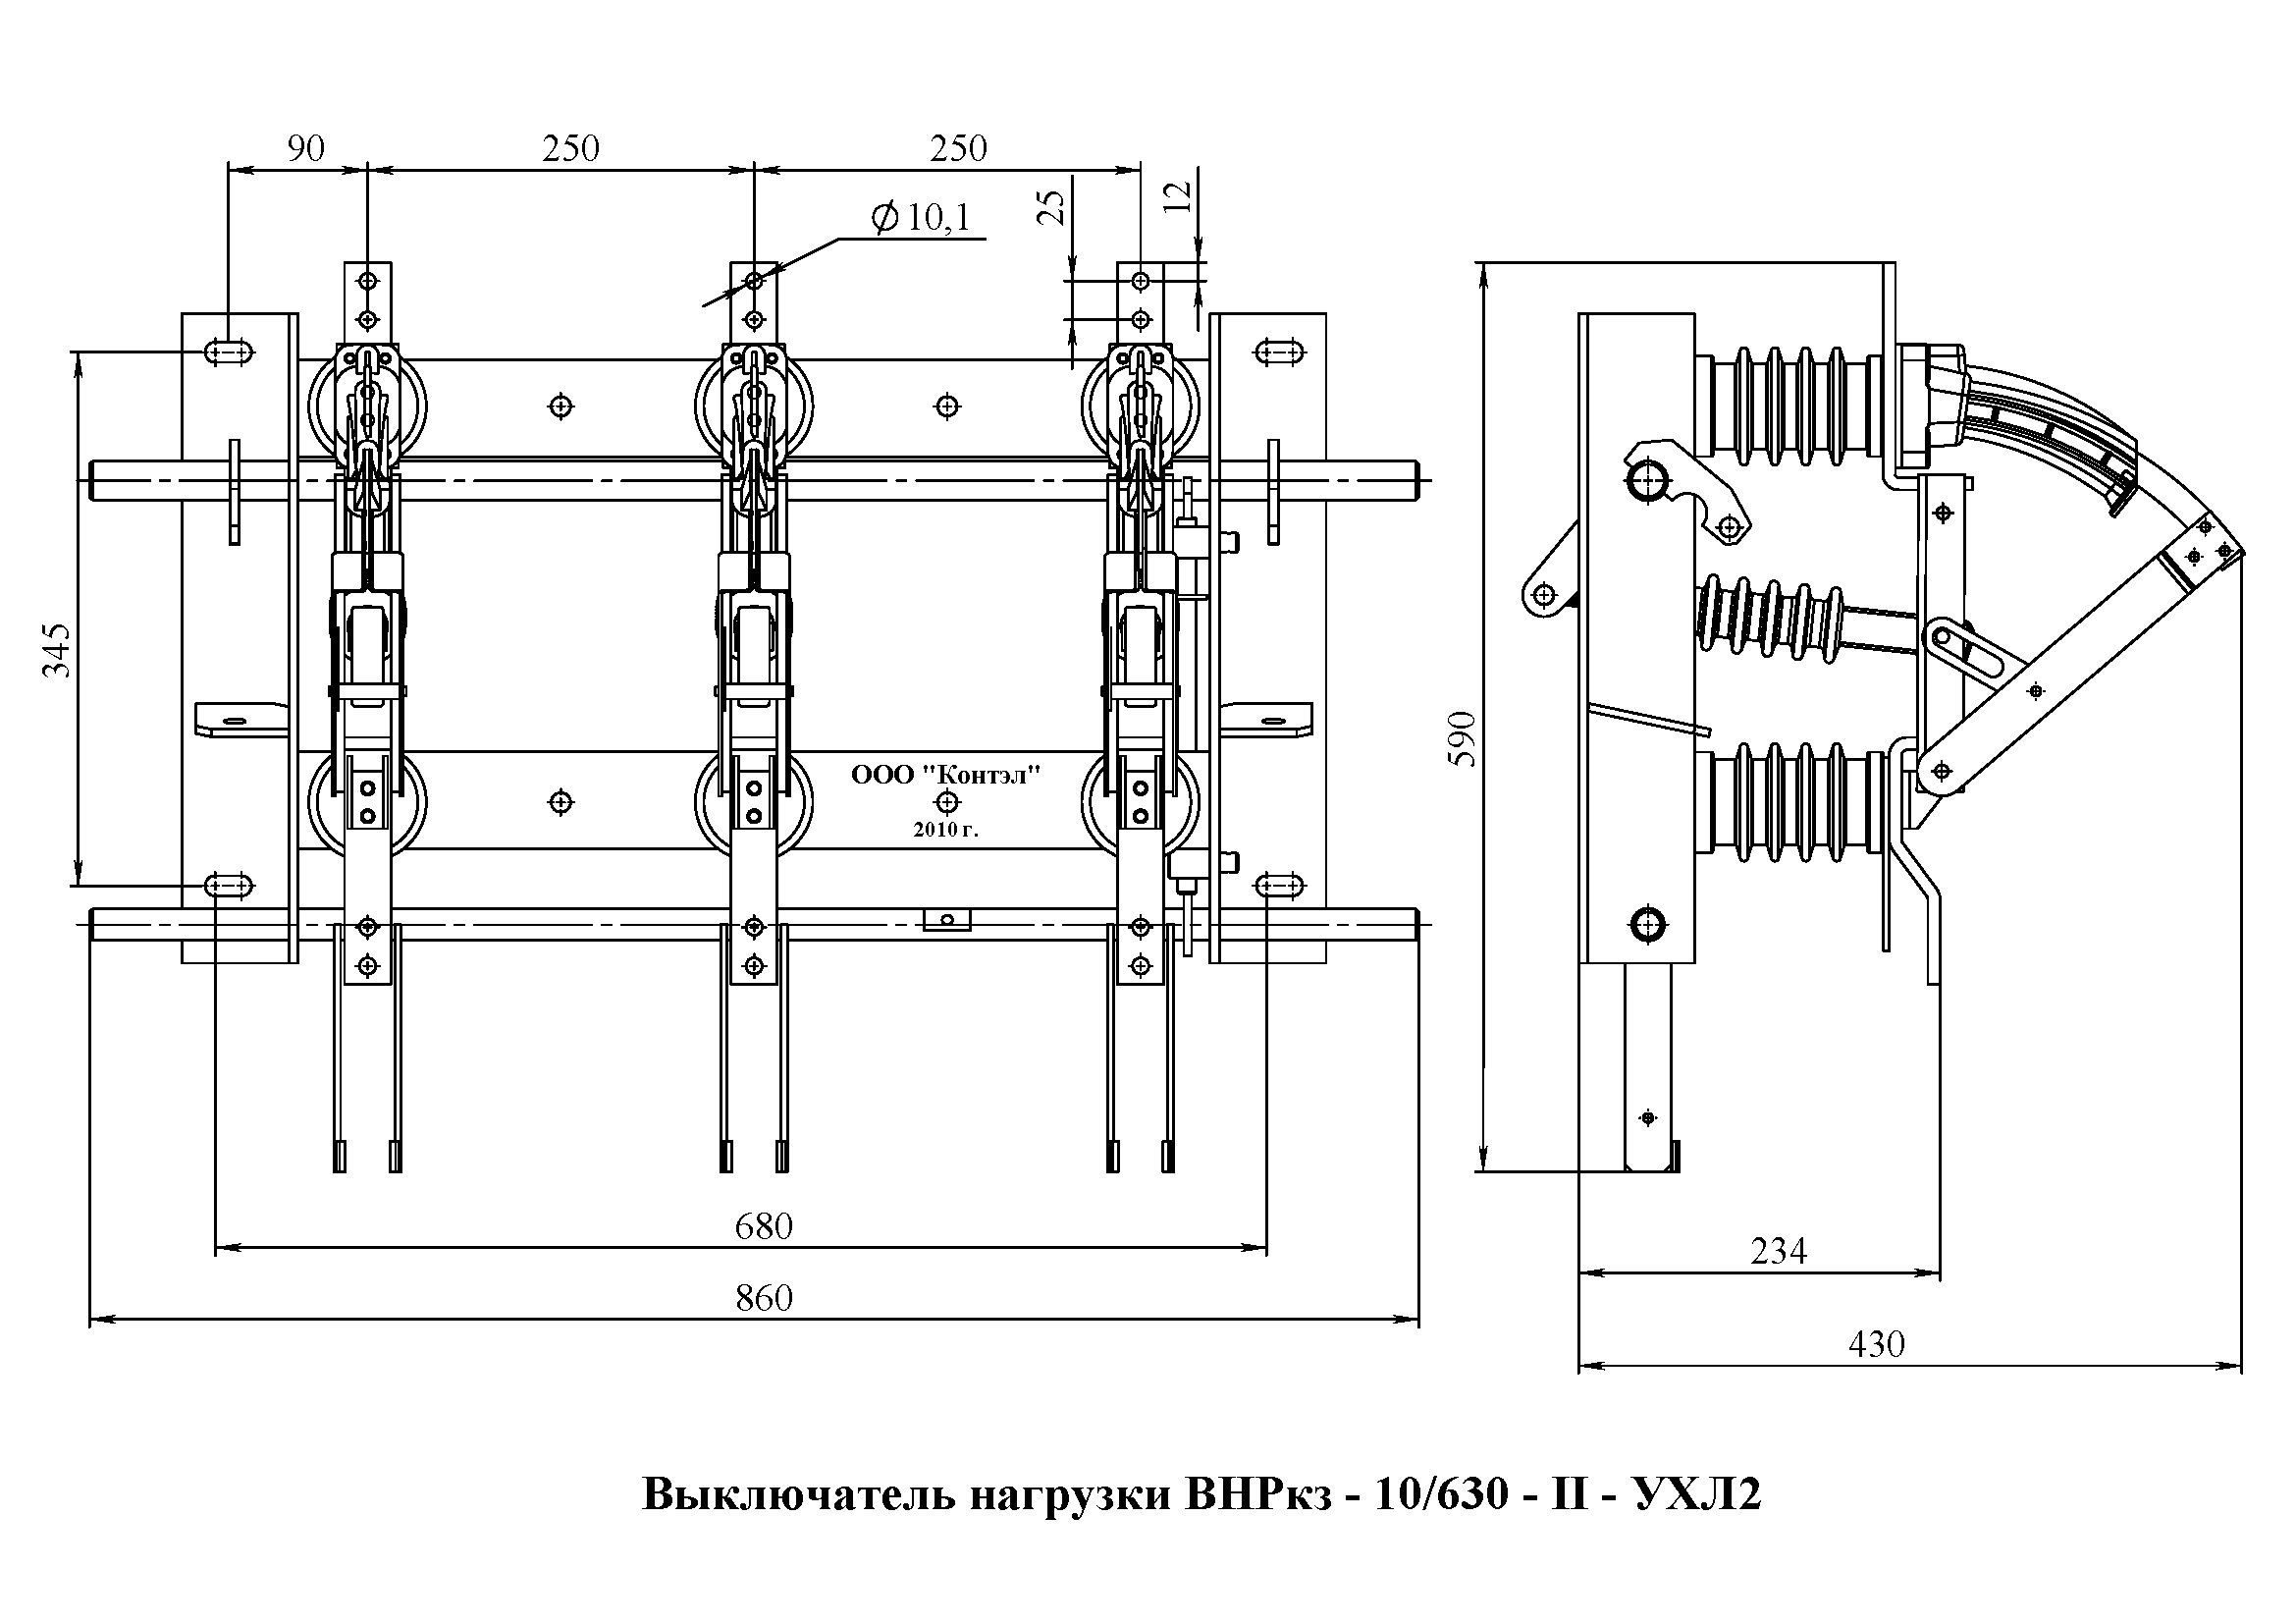 О выключателях нагрузки: характеристики и различные разновидности устройств